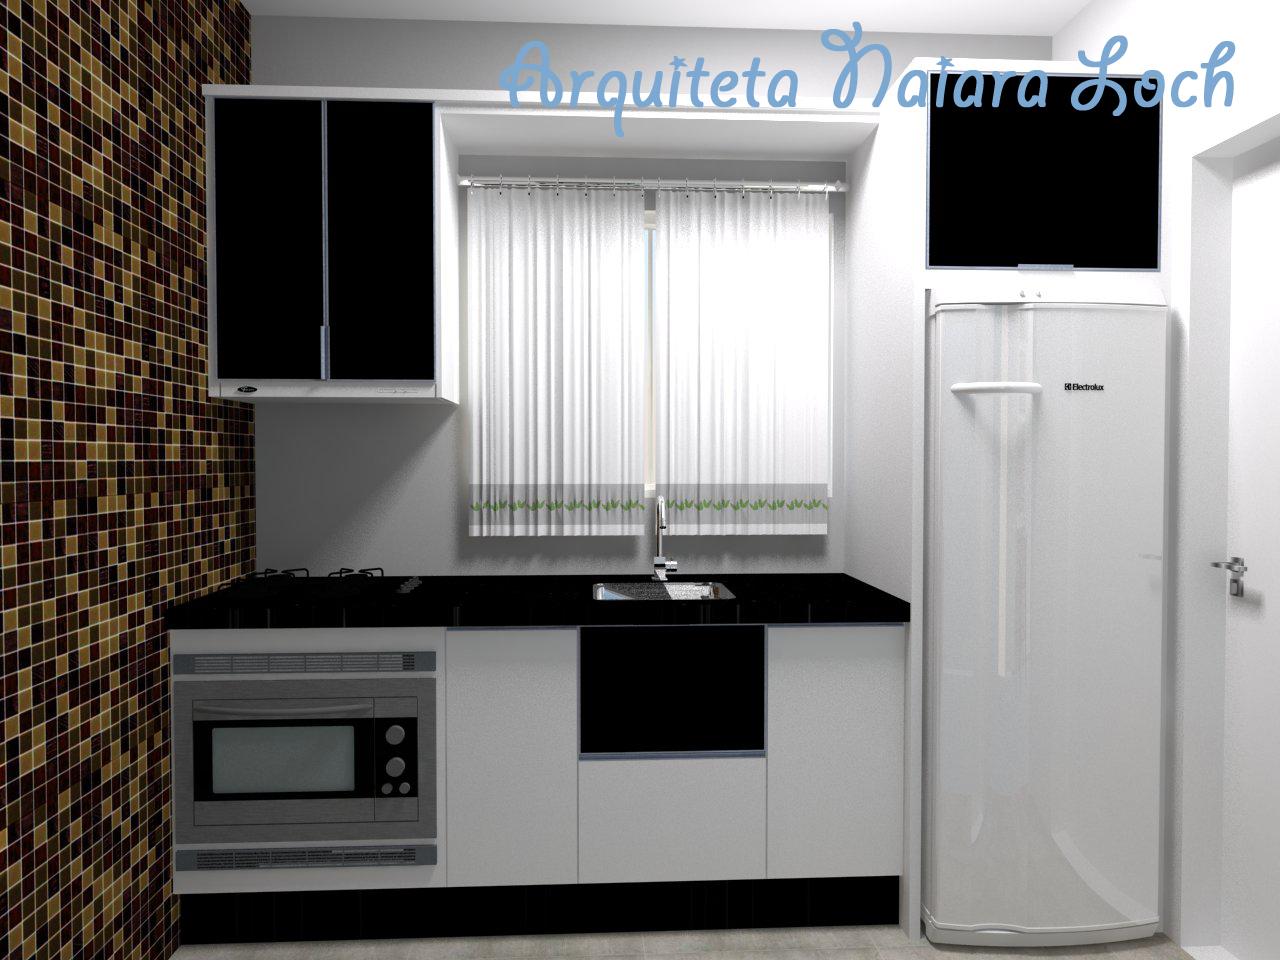 #3F668C em preto e branco deixa ambiente clássico. A parede em pastilhas de  1280x960 px Projetos De Cozinhas Em Preto E Branco #555 imagens